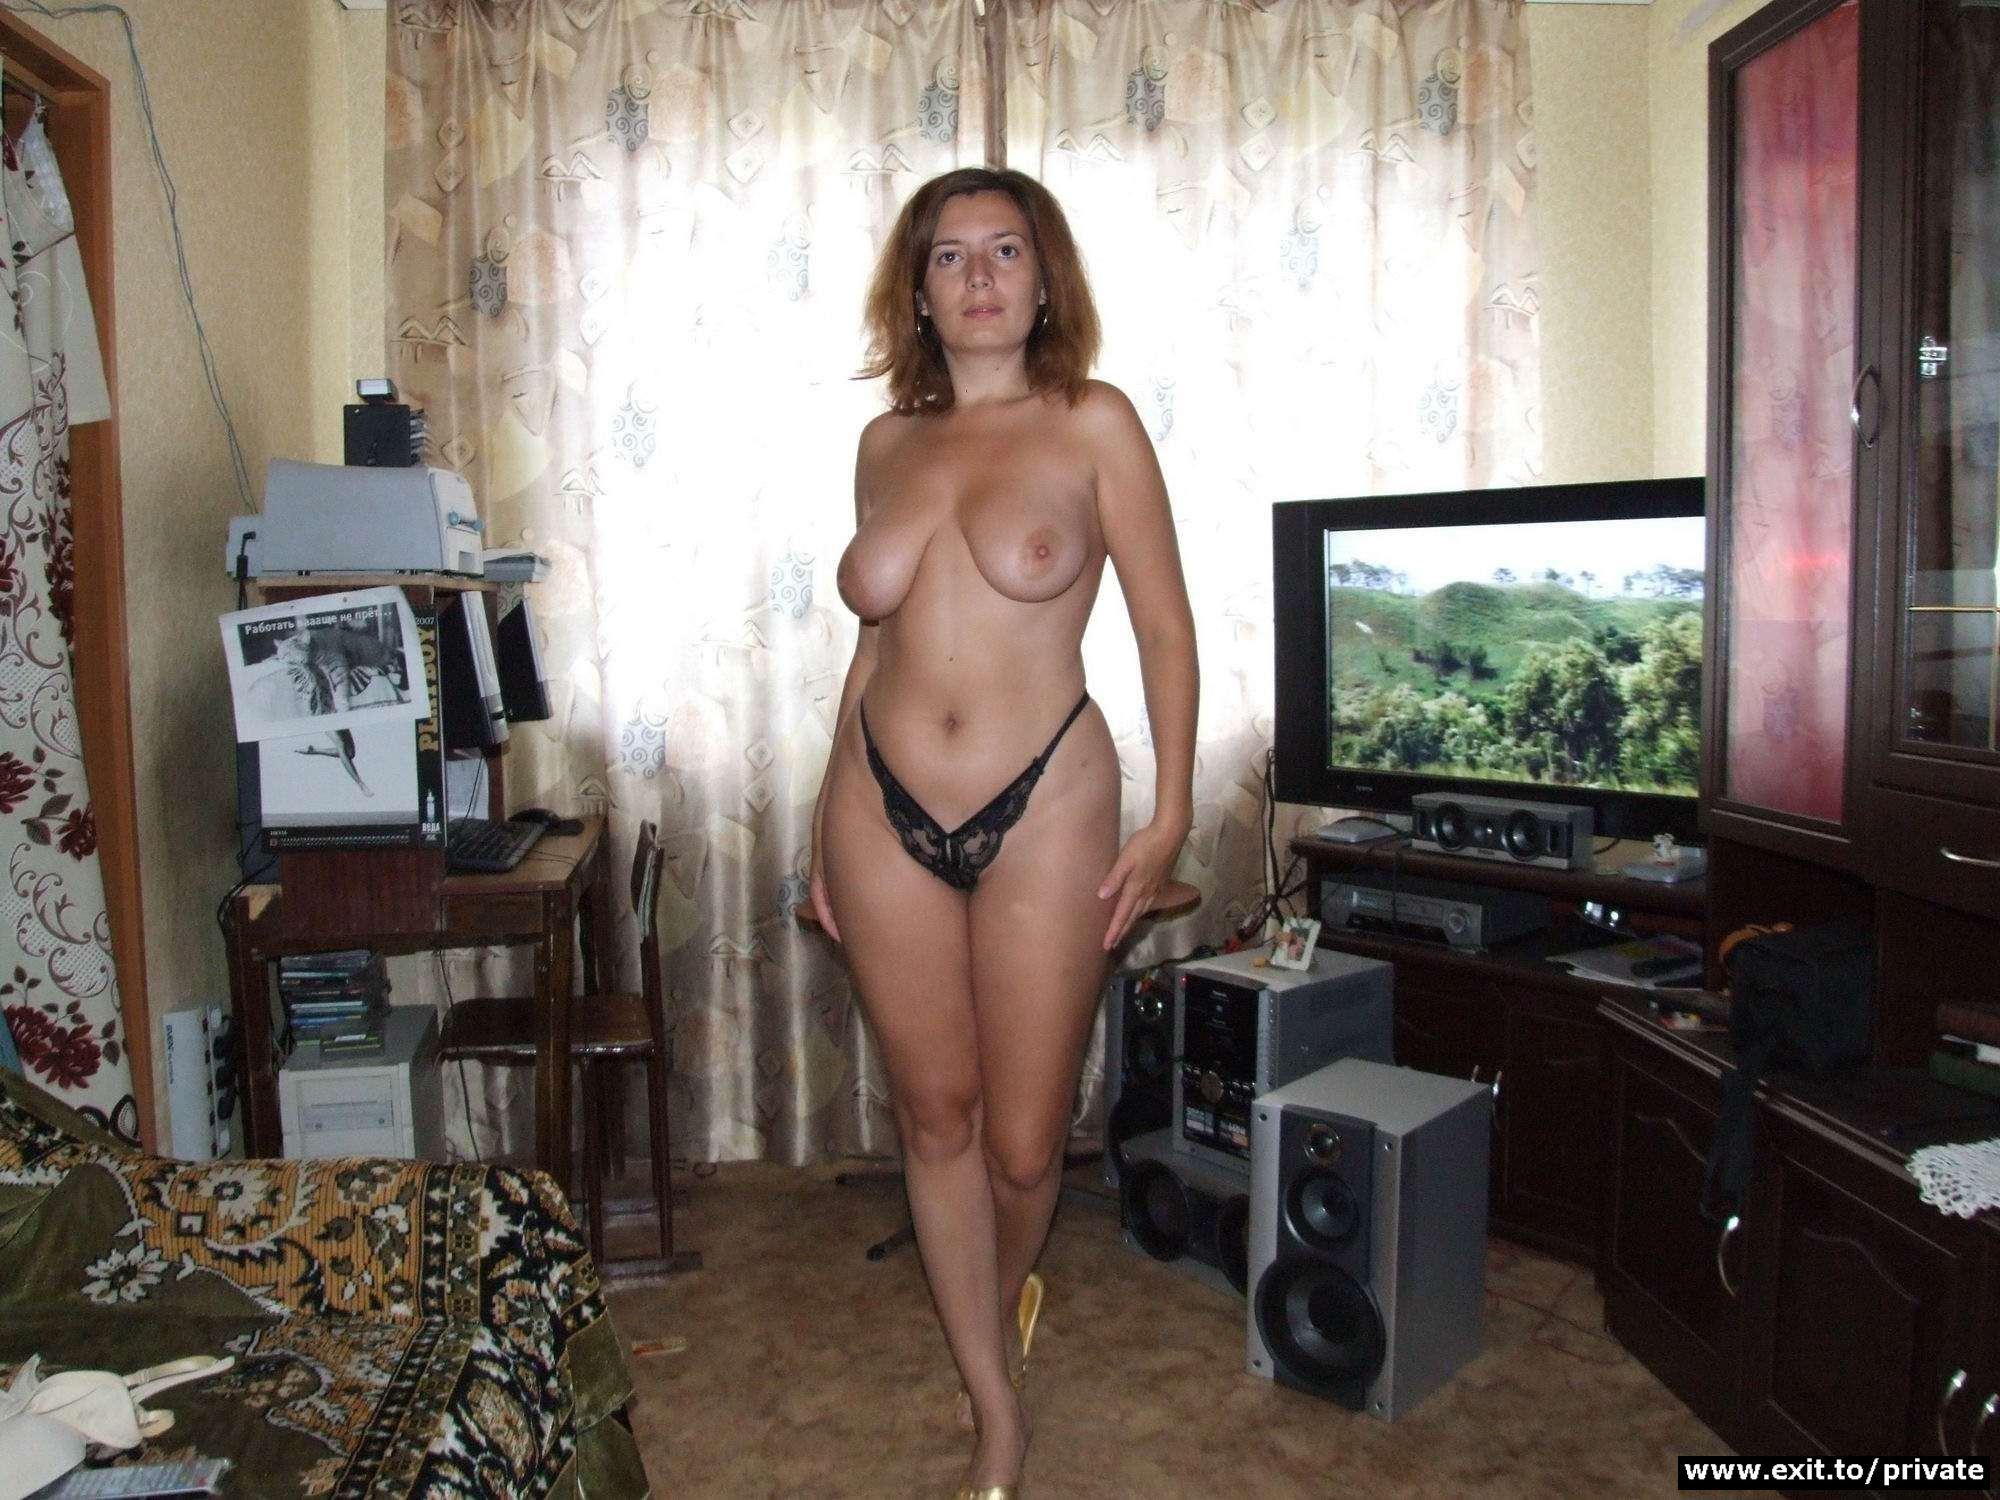 Частные интимные фото зрелых женщин в домашней обстановке 21 фотография